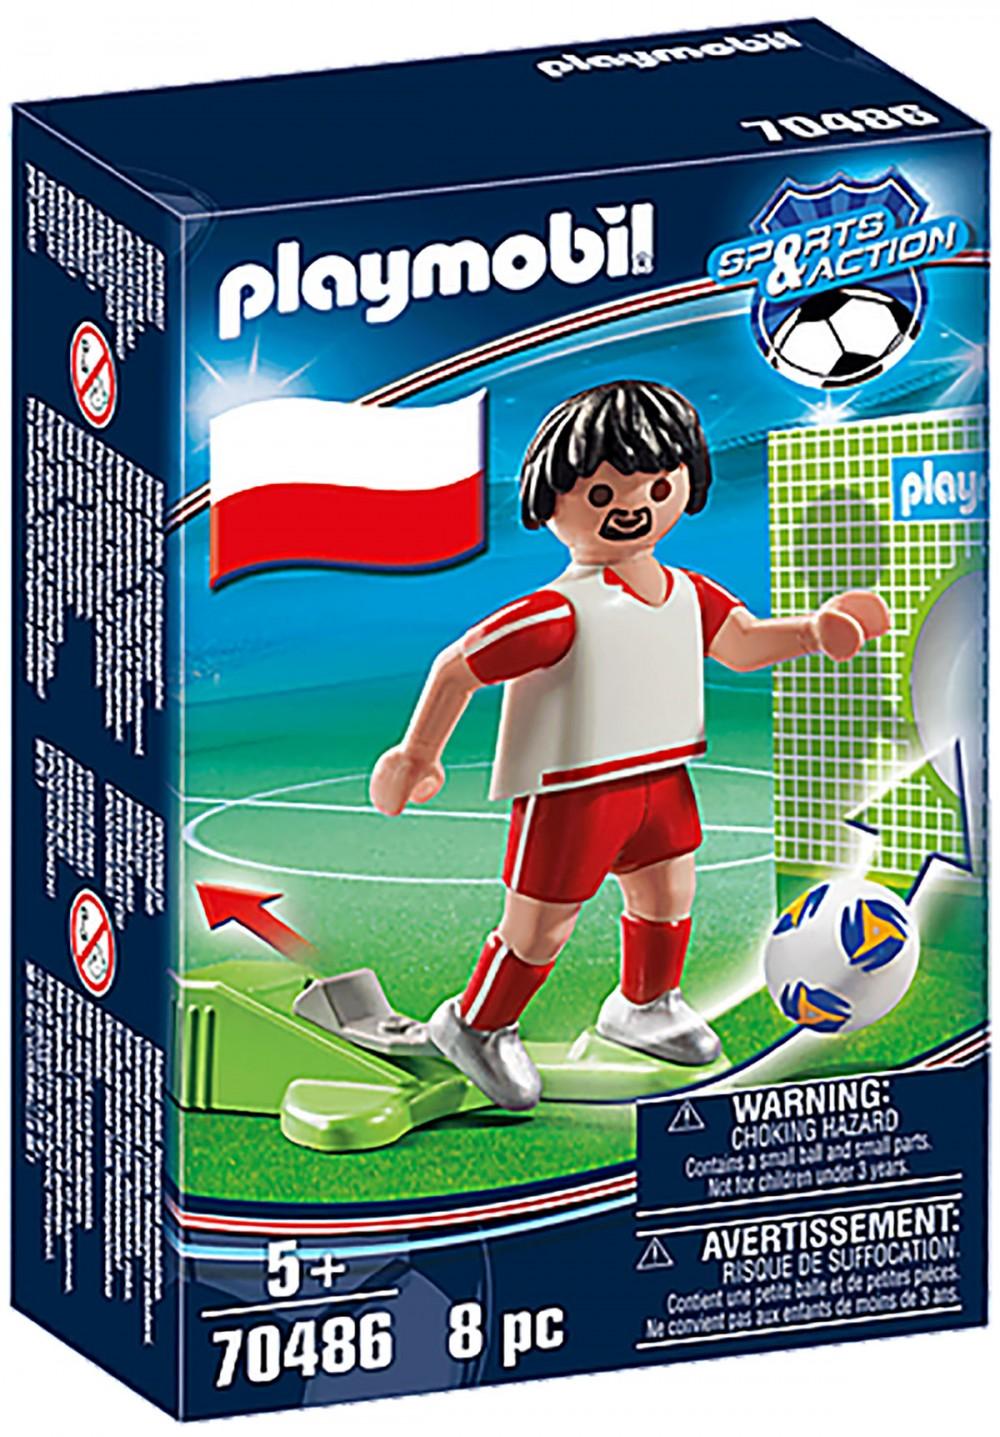 PLAYMOBIL Sports & Action 70486 Joueur Polonais Nouveauté 2021